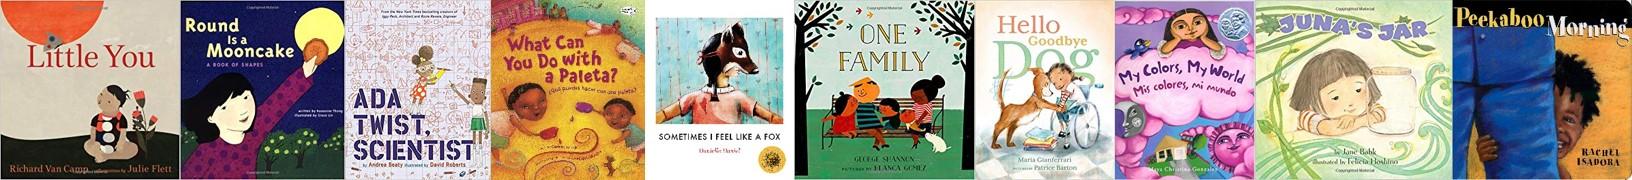 diverse books collage for bottom border.jpg